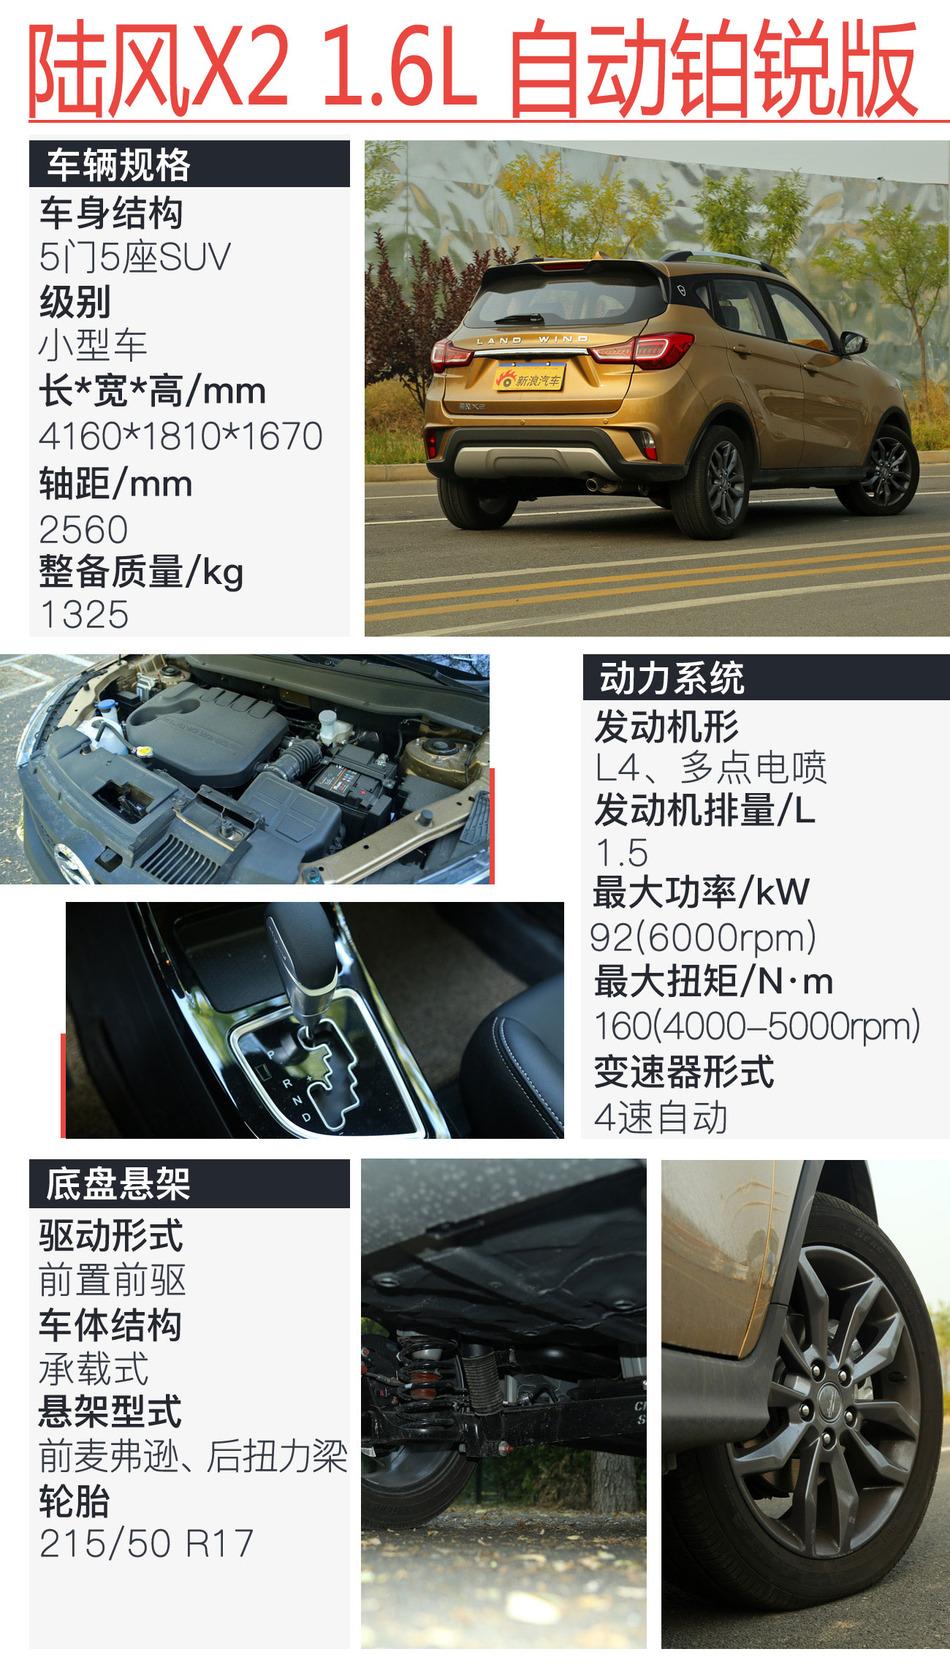 陆风X21.6L自动铂锐版